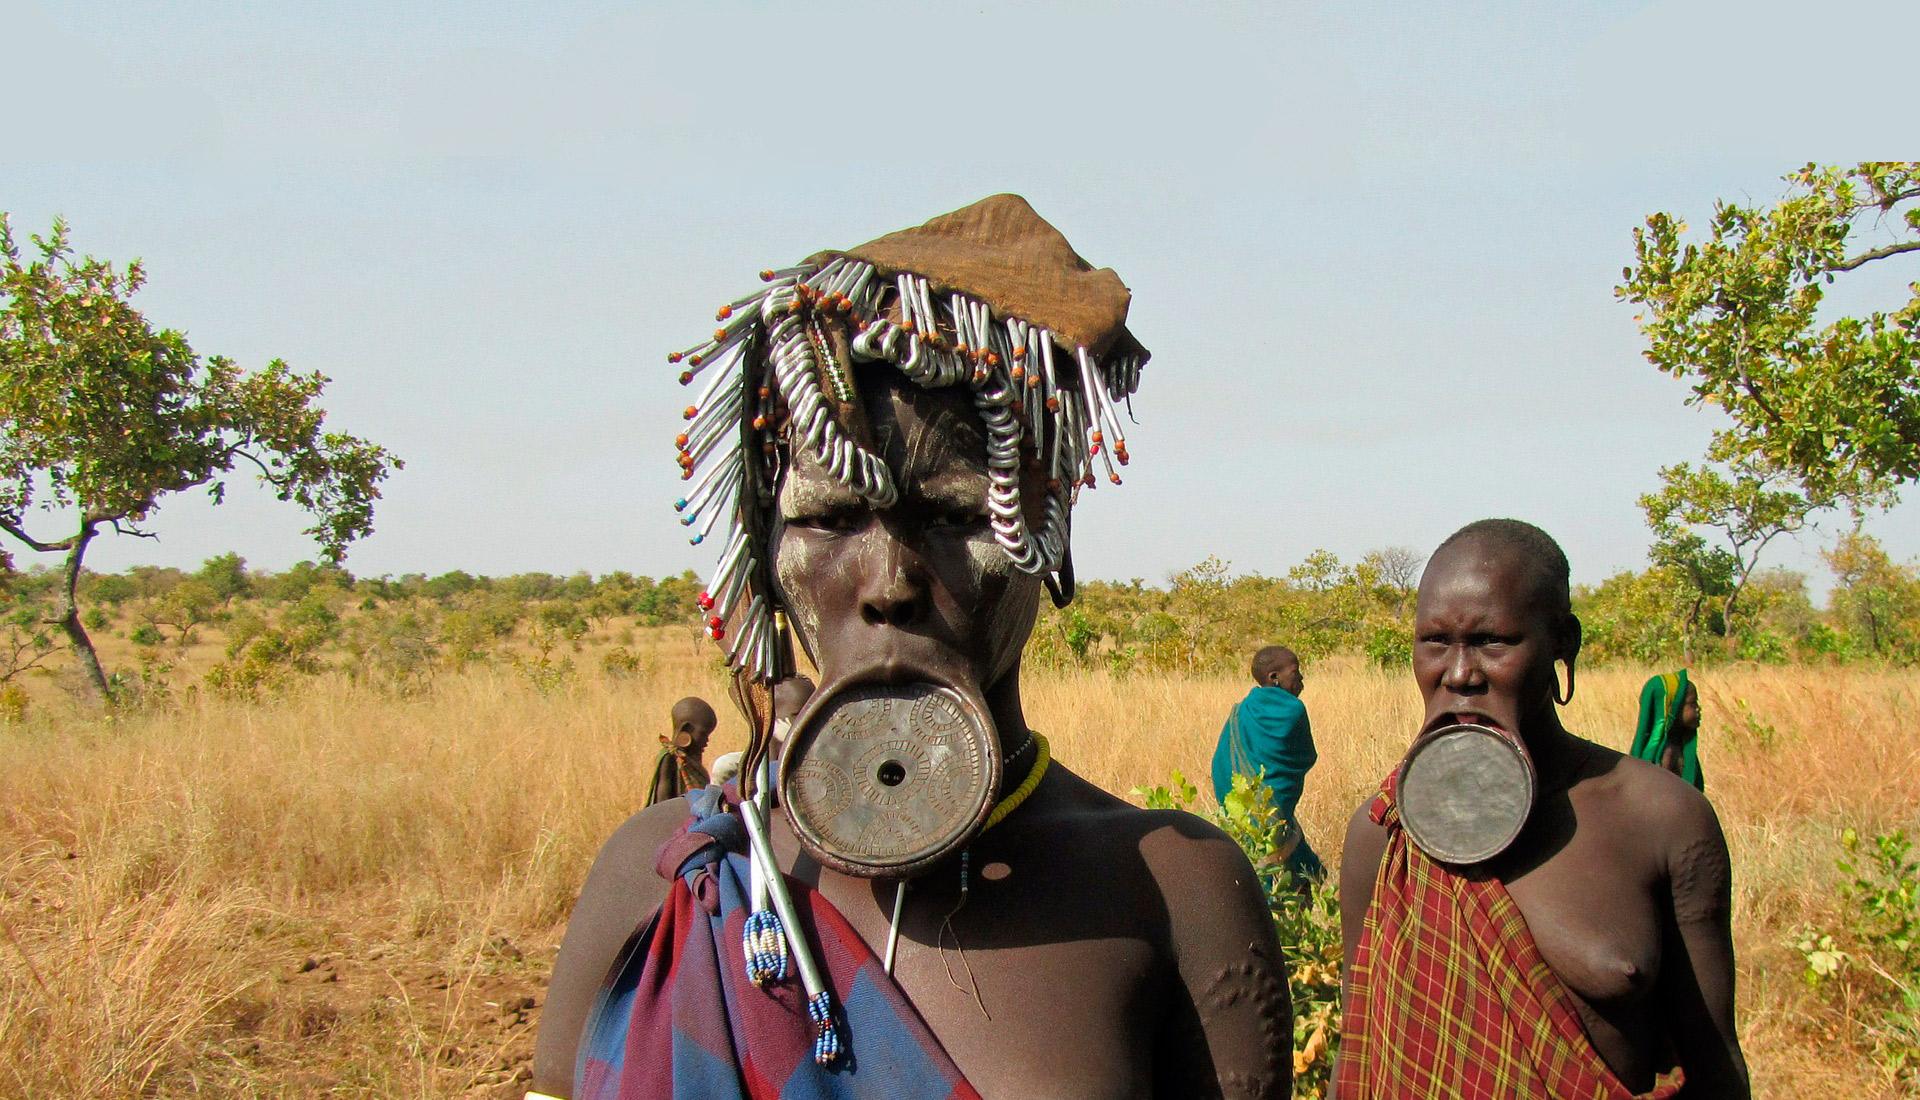 Que hacer en Etiopia - Viaje a Etiopia